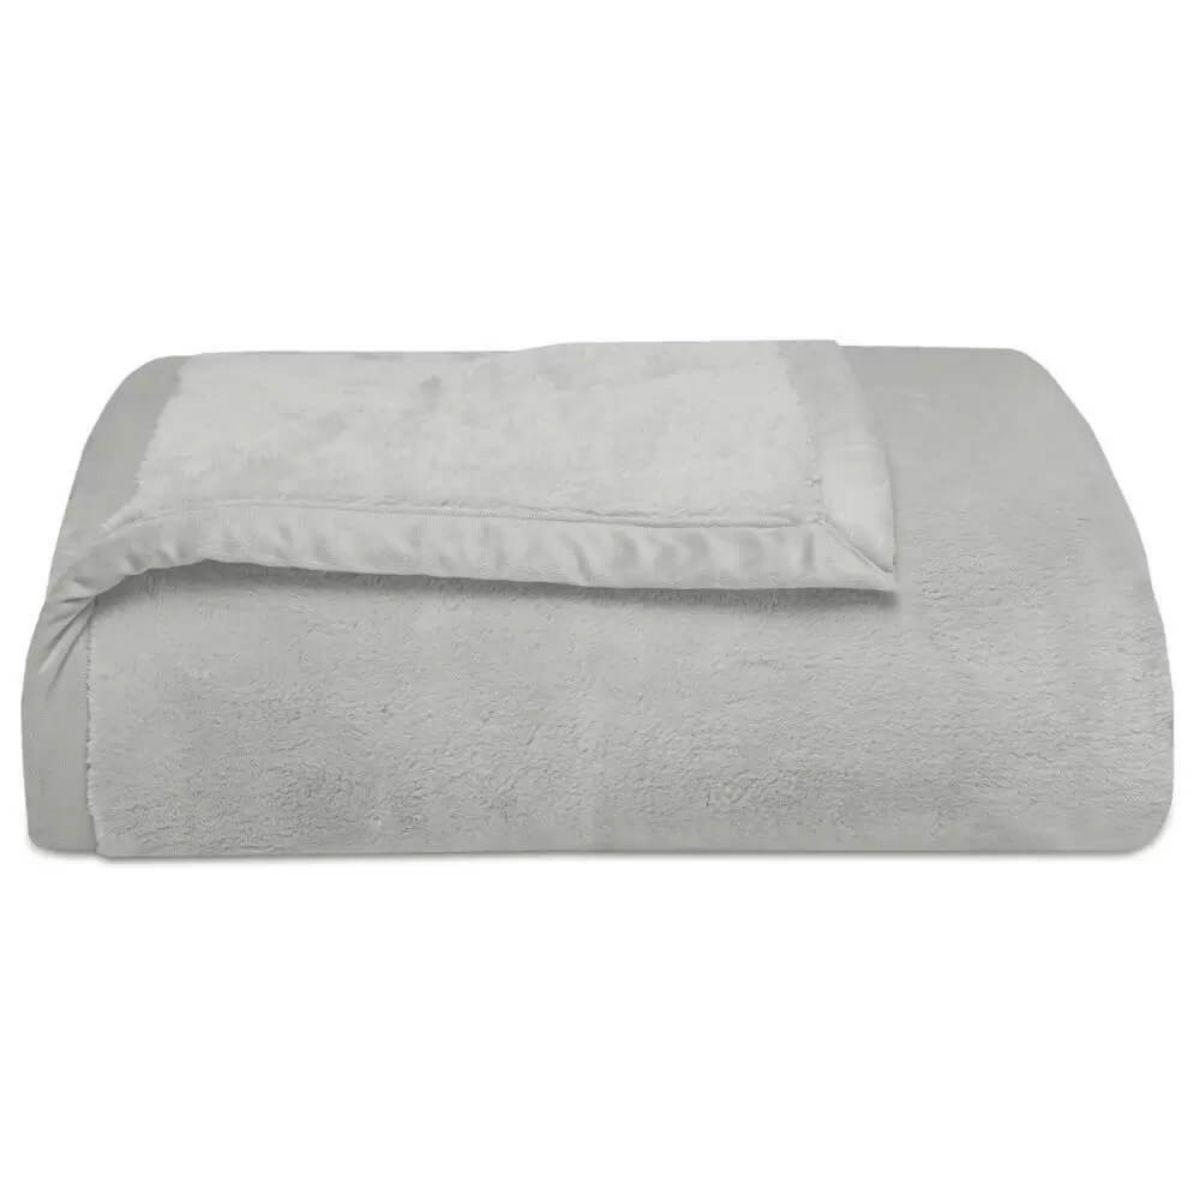 Cobertor Casal Soft Premium 180x220cm 480g/m²